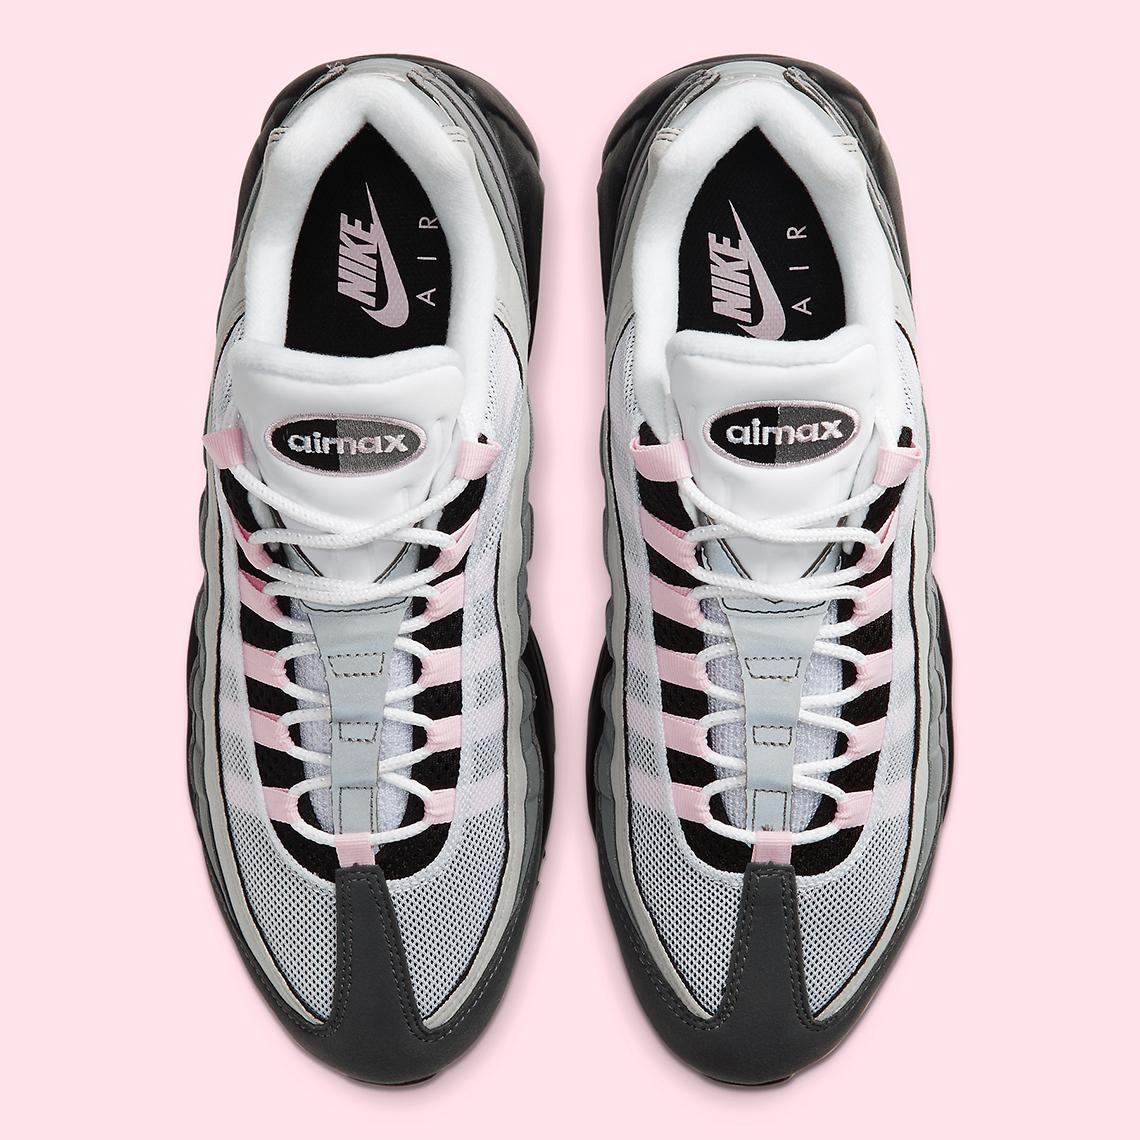 Nike Air Max 95 Pink Grey Cj0588 001 Sneakernews Com